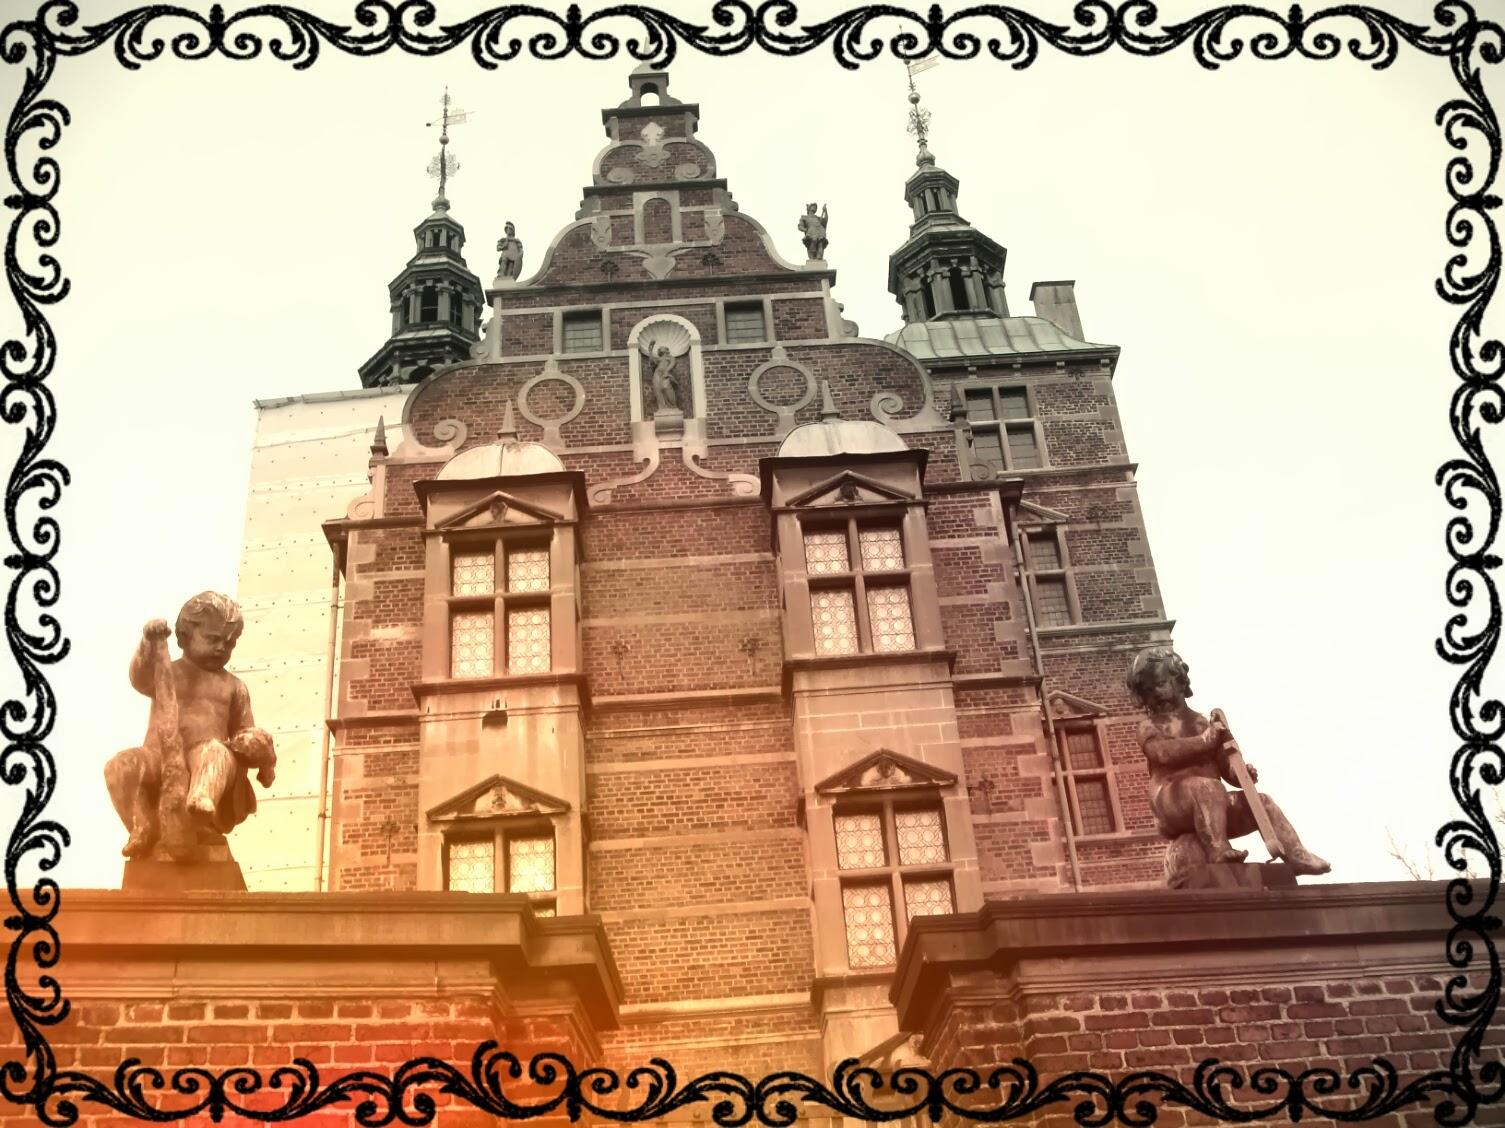 copenaghen rosenborg slot